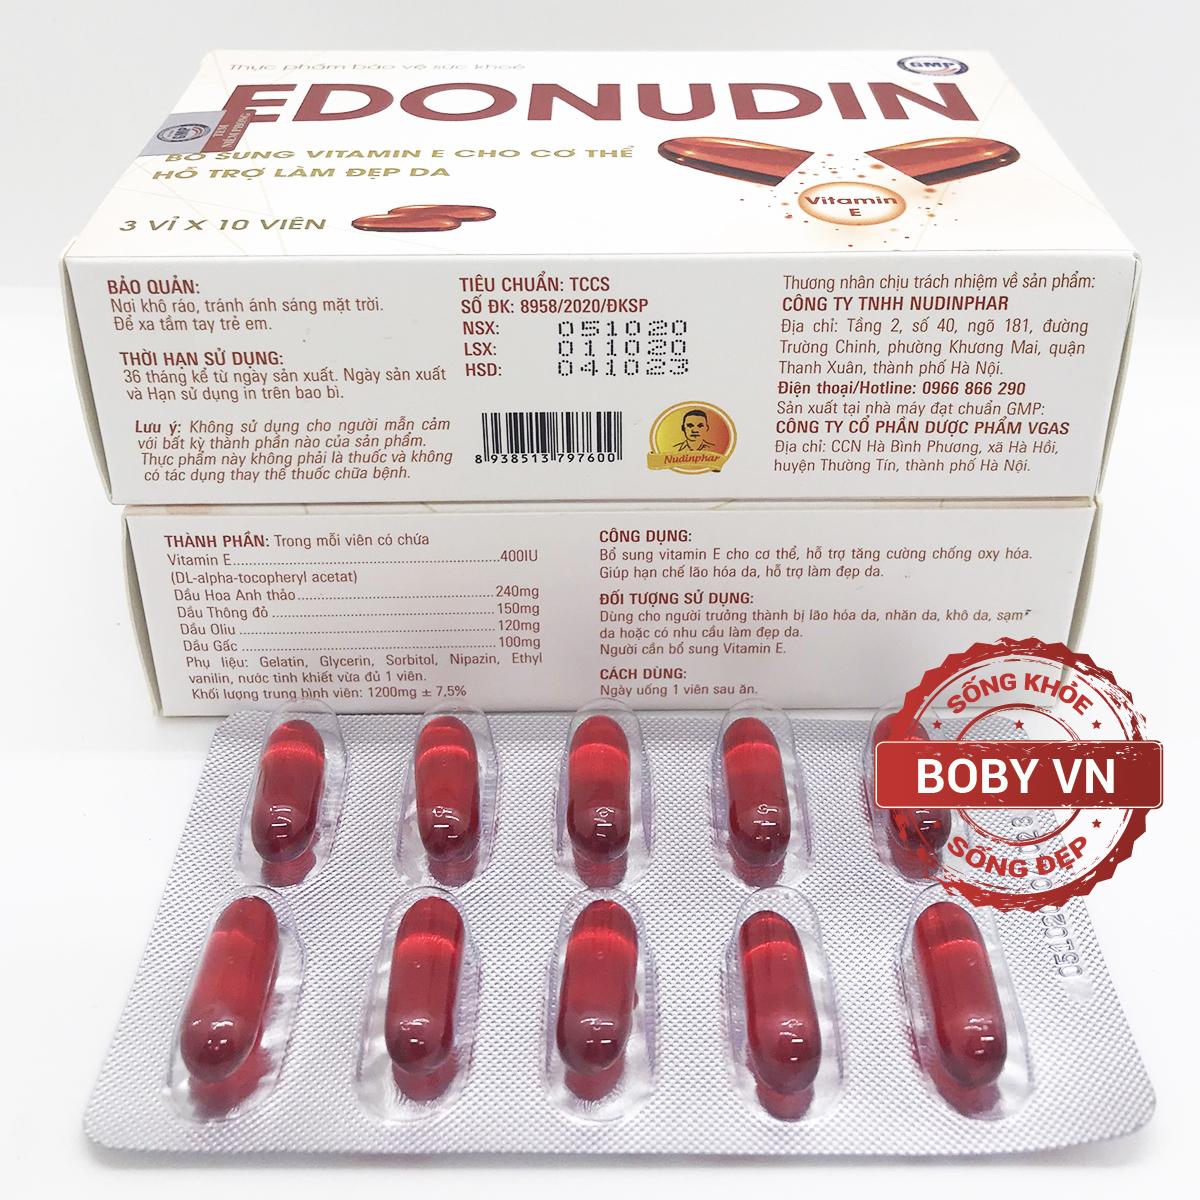 Vitamin e đỏ Edonudin hạn chế lão hóa, hỗ trợ làm đẹp da - (Hộp 3 vỉ x 10 viên)